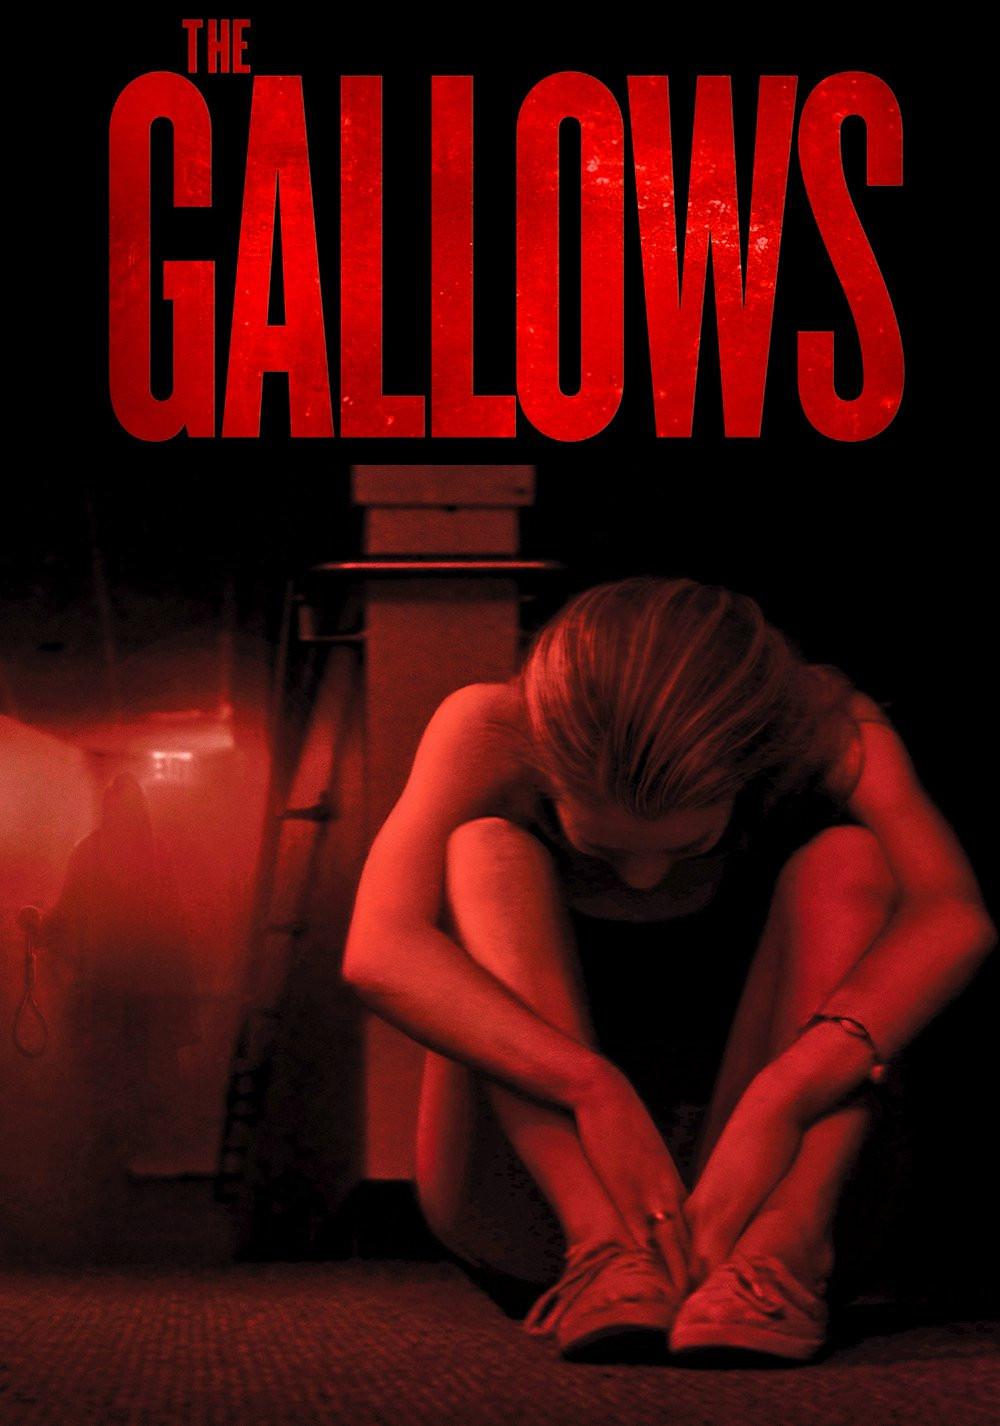 Horror.BG - The Gallows